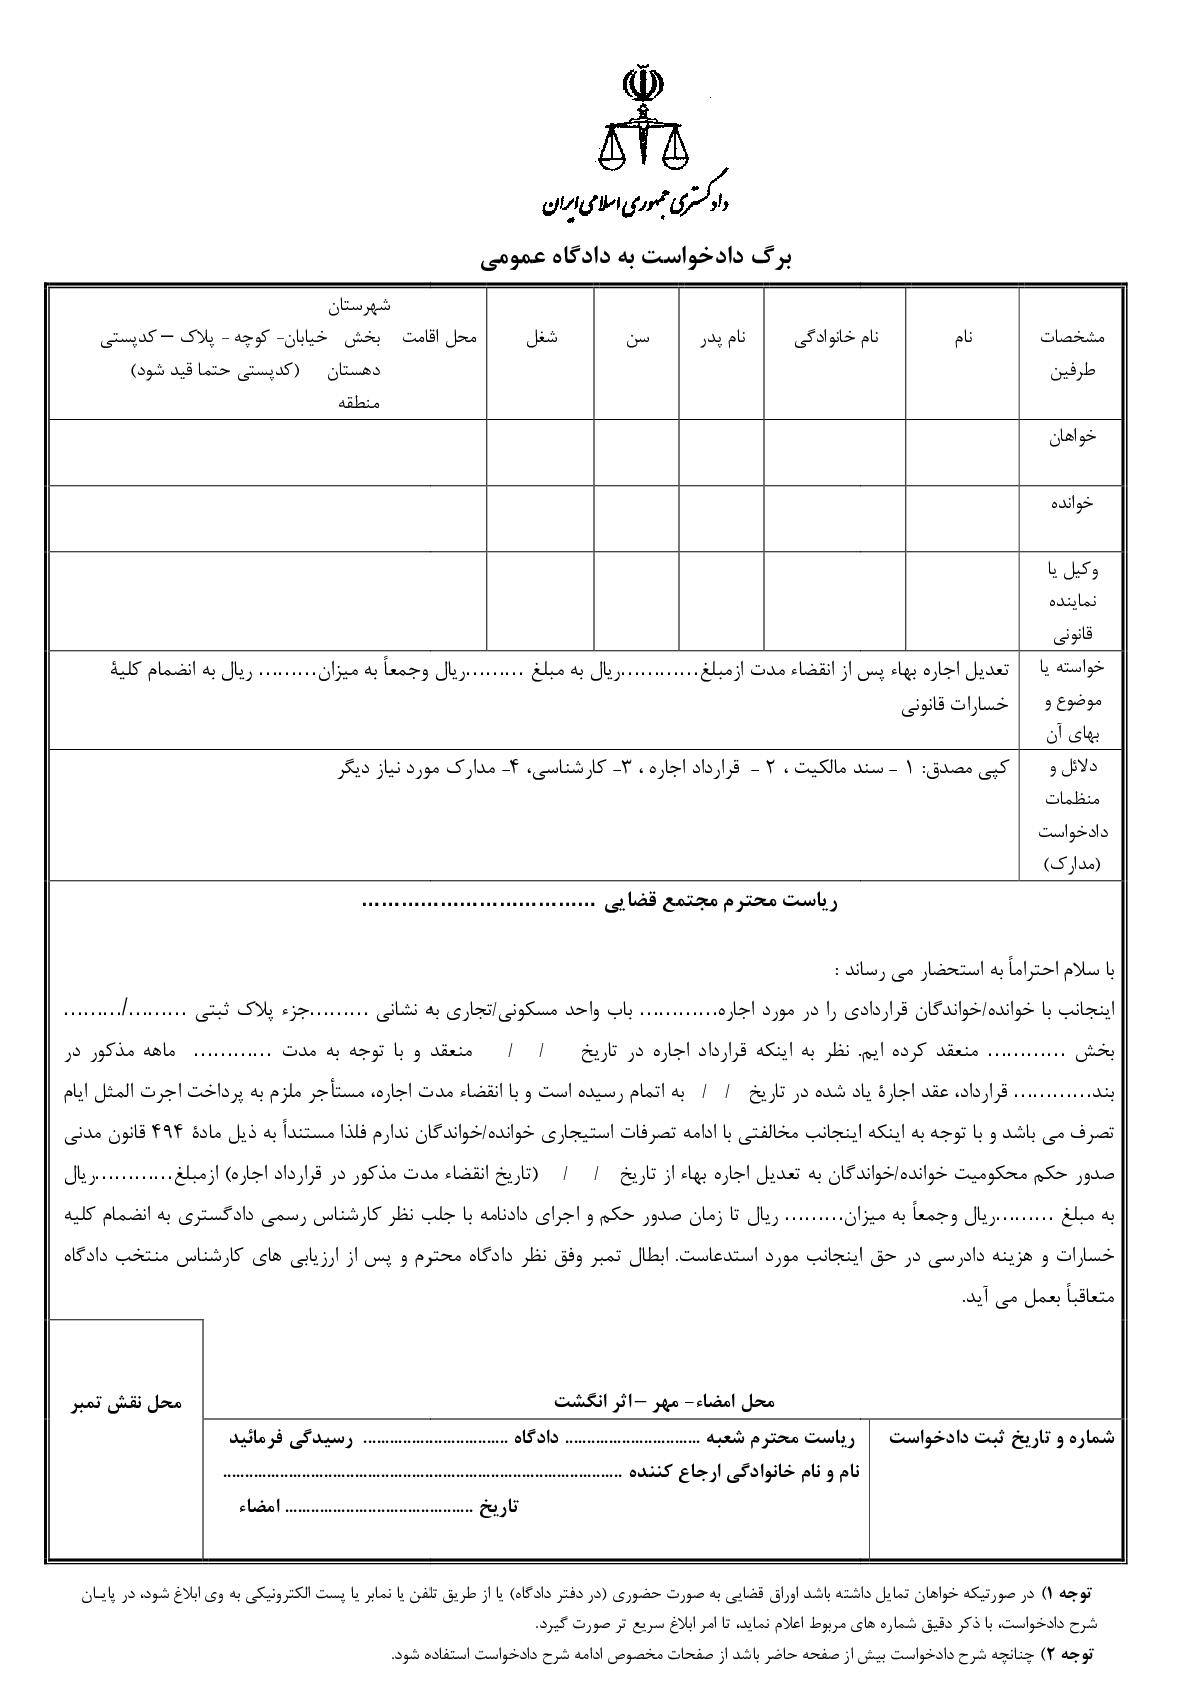 دادخواست تعدیل اجاره بها پس از انقضاء مدت(از شورای حل اختلاف)